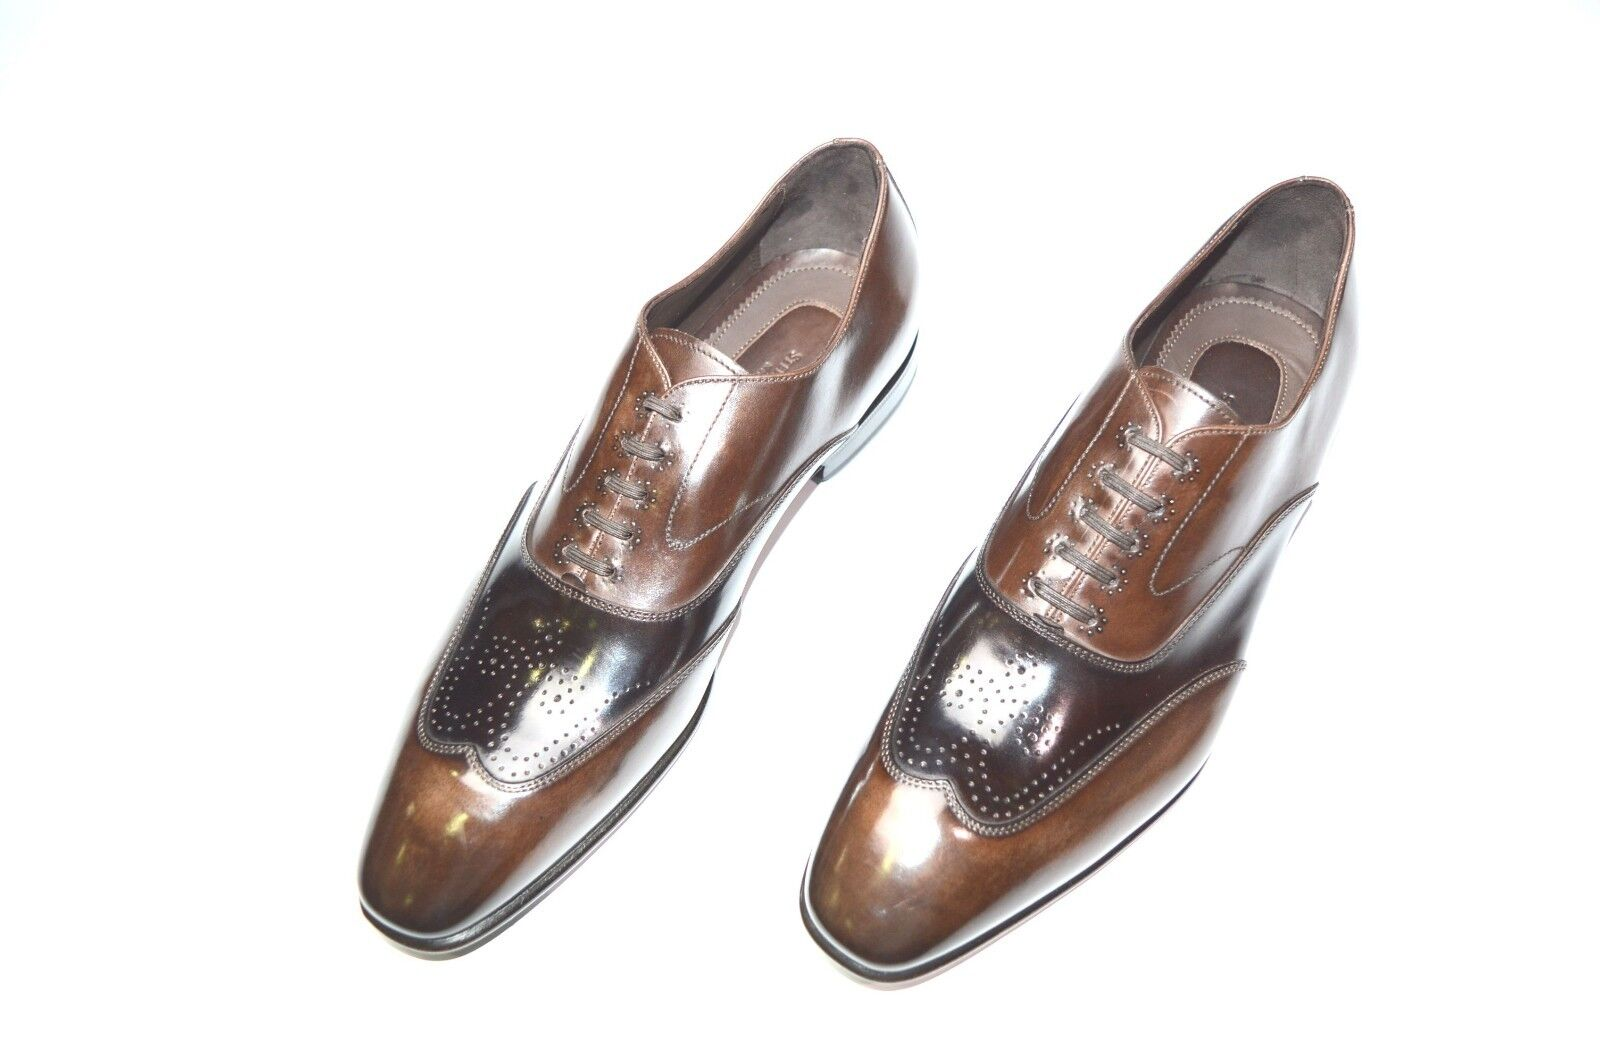 Nuevo De Lujo Cuero STEFANO RICCI Zapatos Talla nos 10.5 (A211)